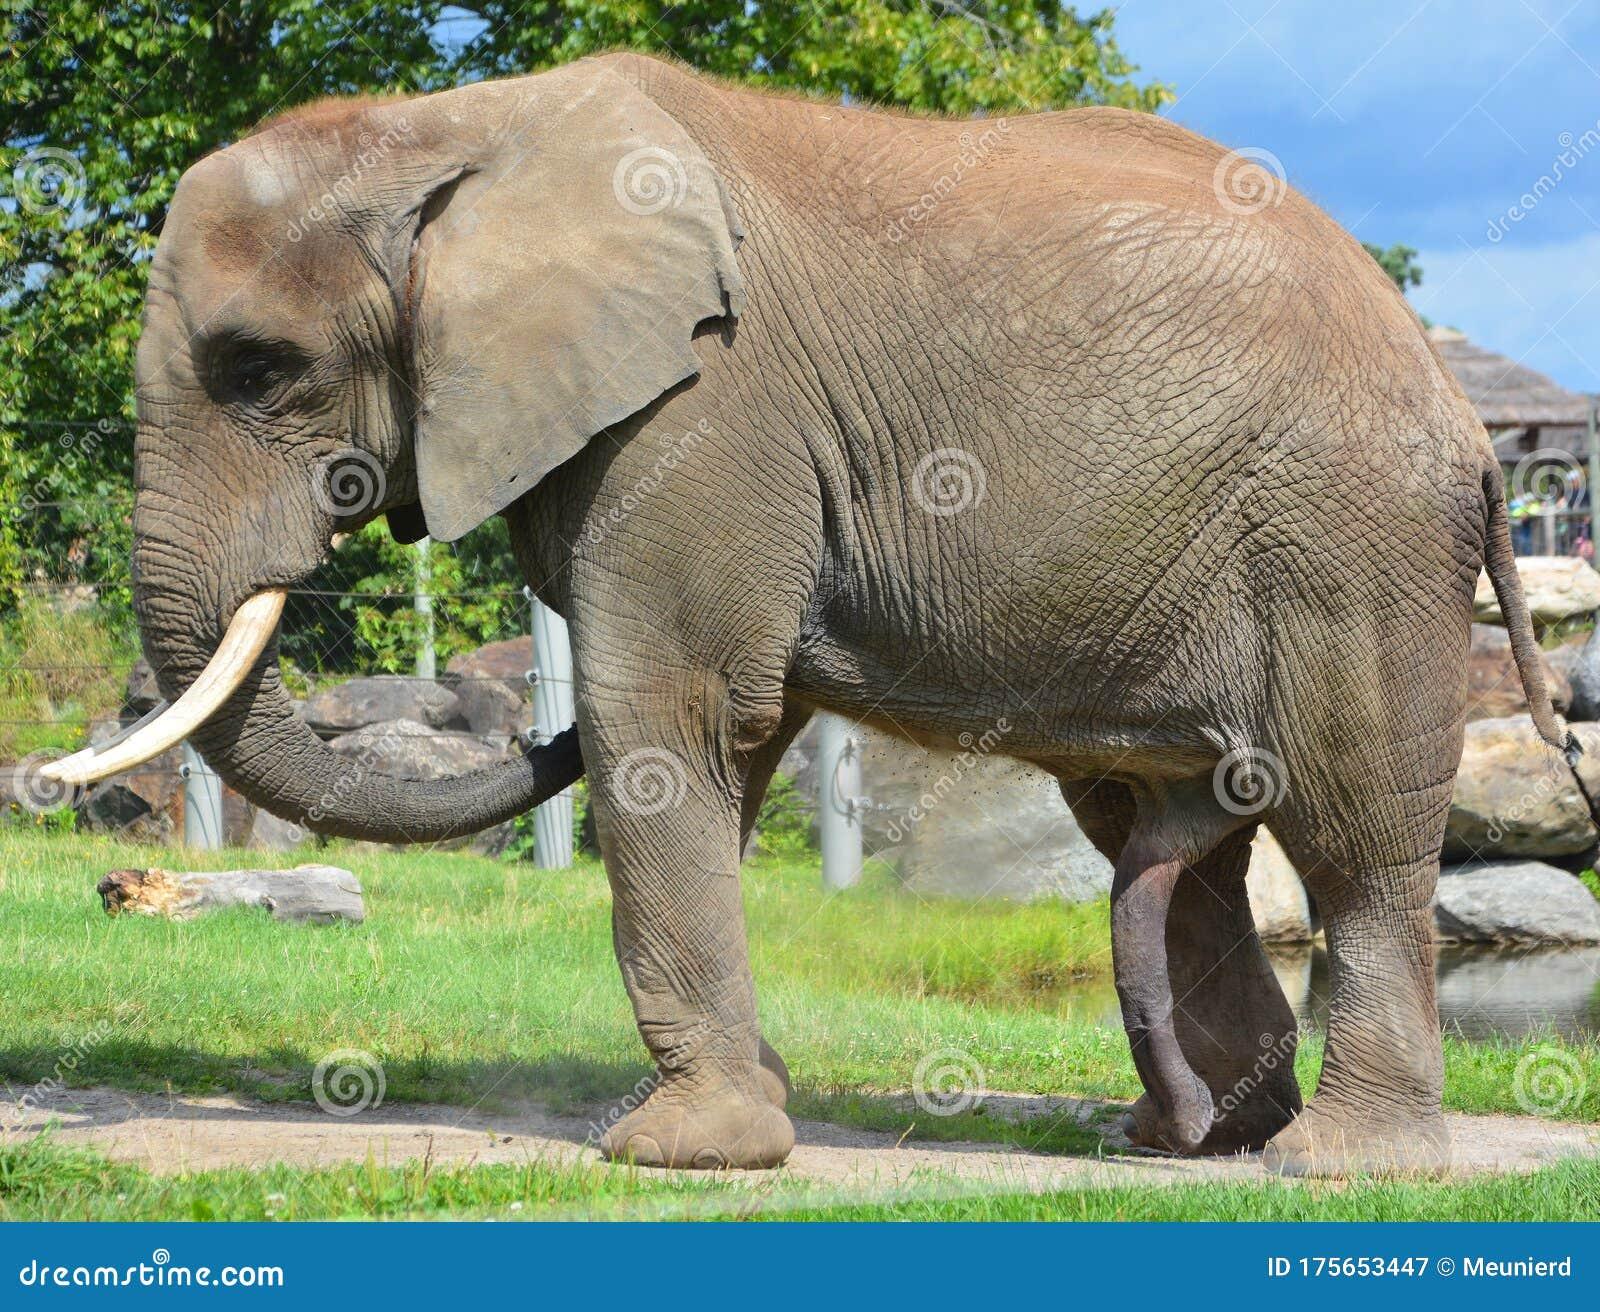 Dick elephant The Longest